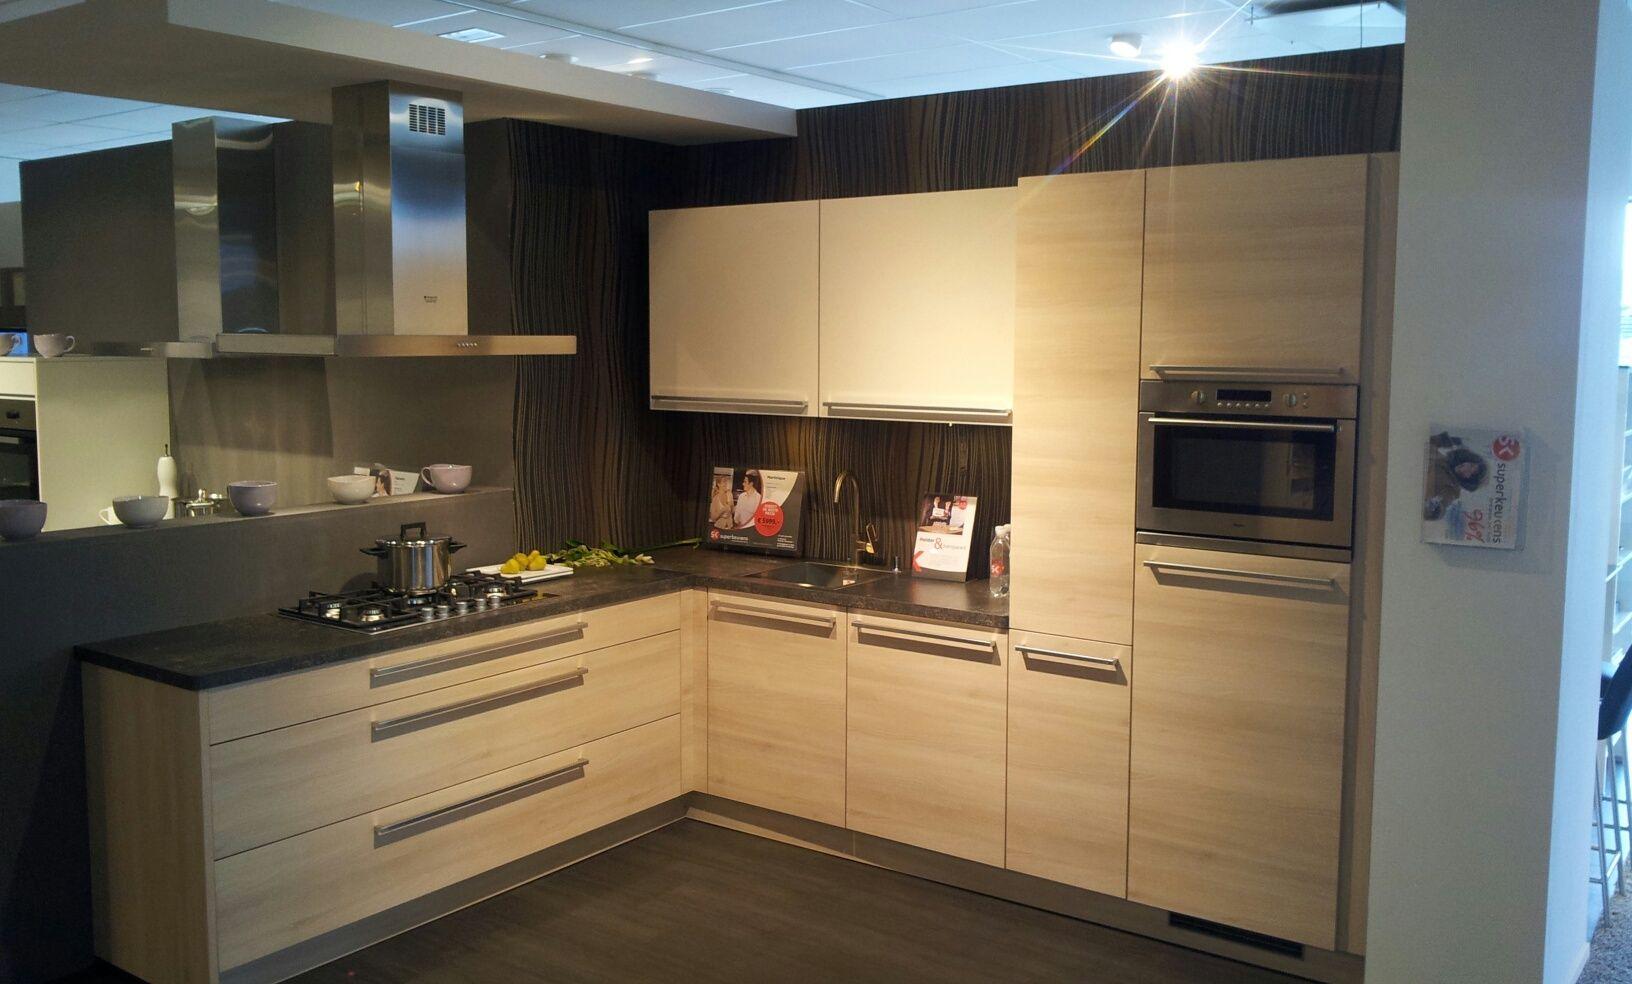 Keukenprijs altijd de beste keukenprijs hoek keuken martinique 53035 - De beste hedendaagse keukens ...